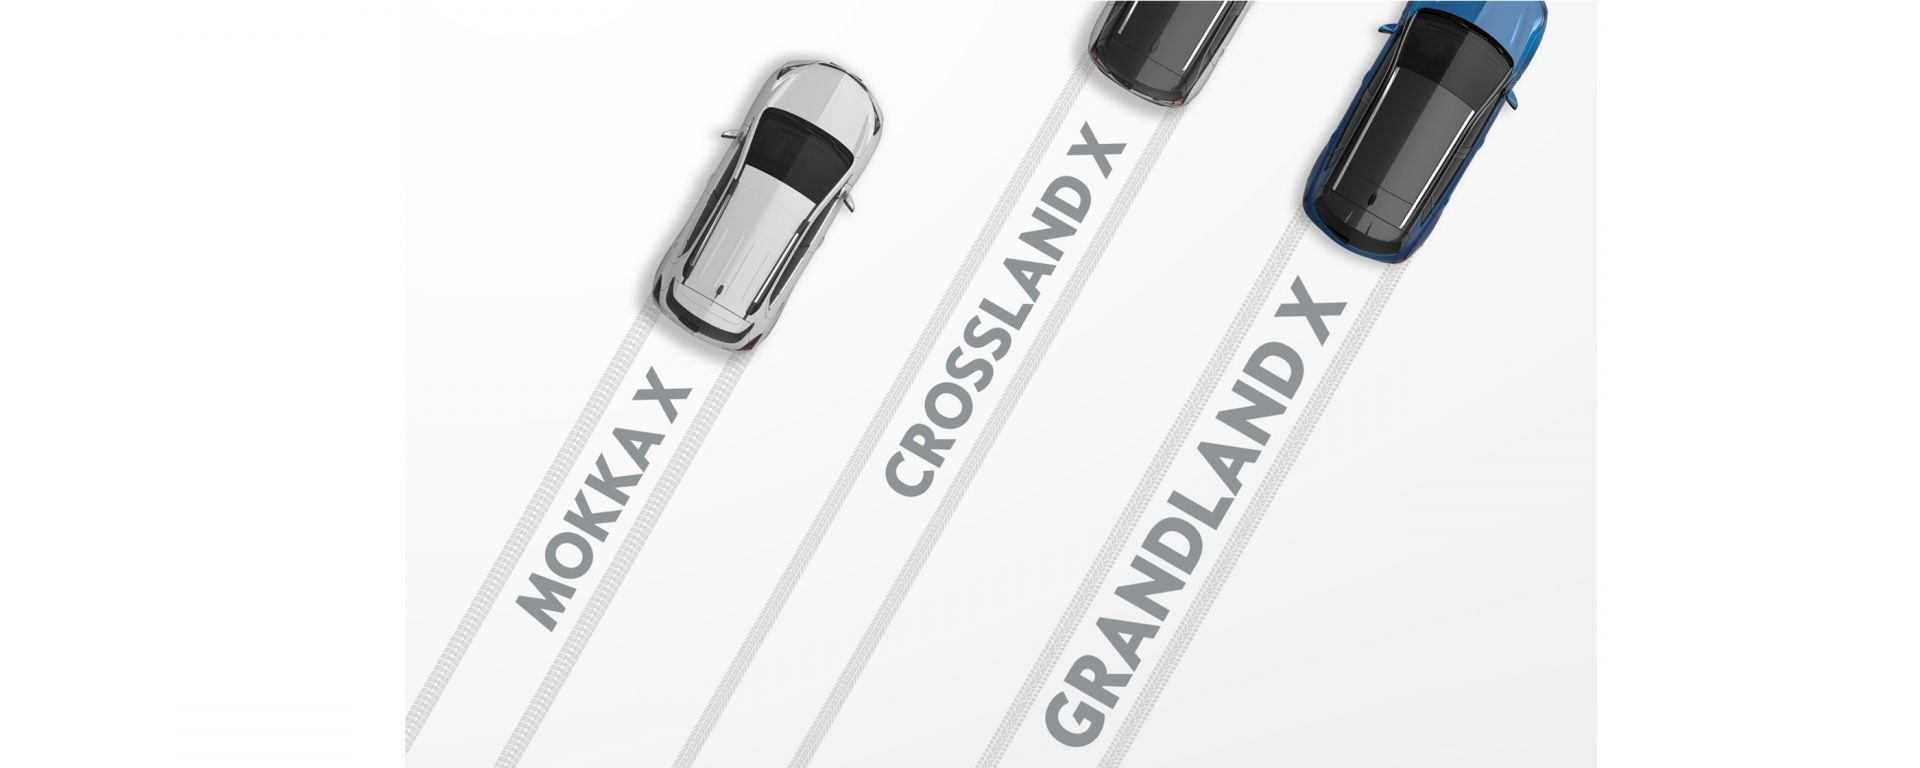 Opel Crossland X e Grandland X: le due nuove suv arriveranno nel corso del 2017